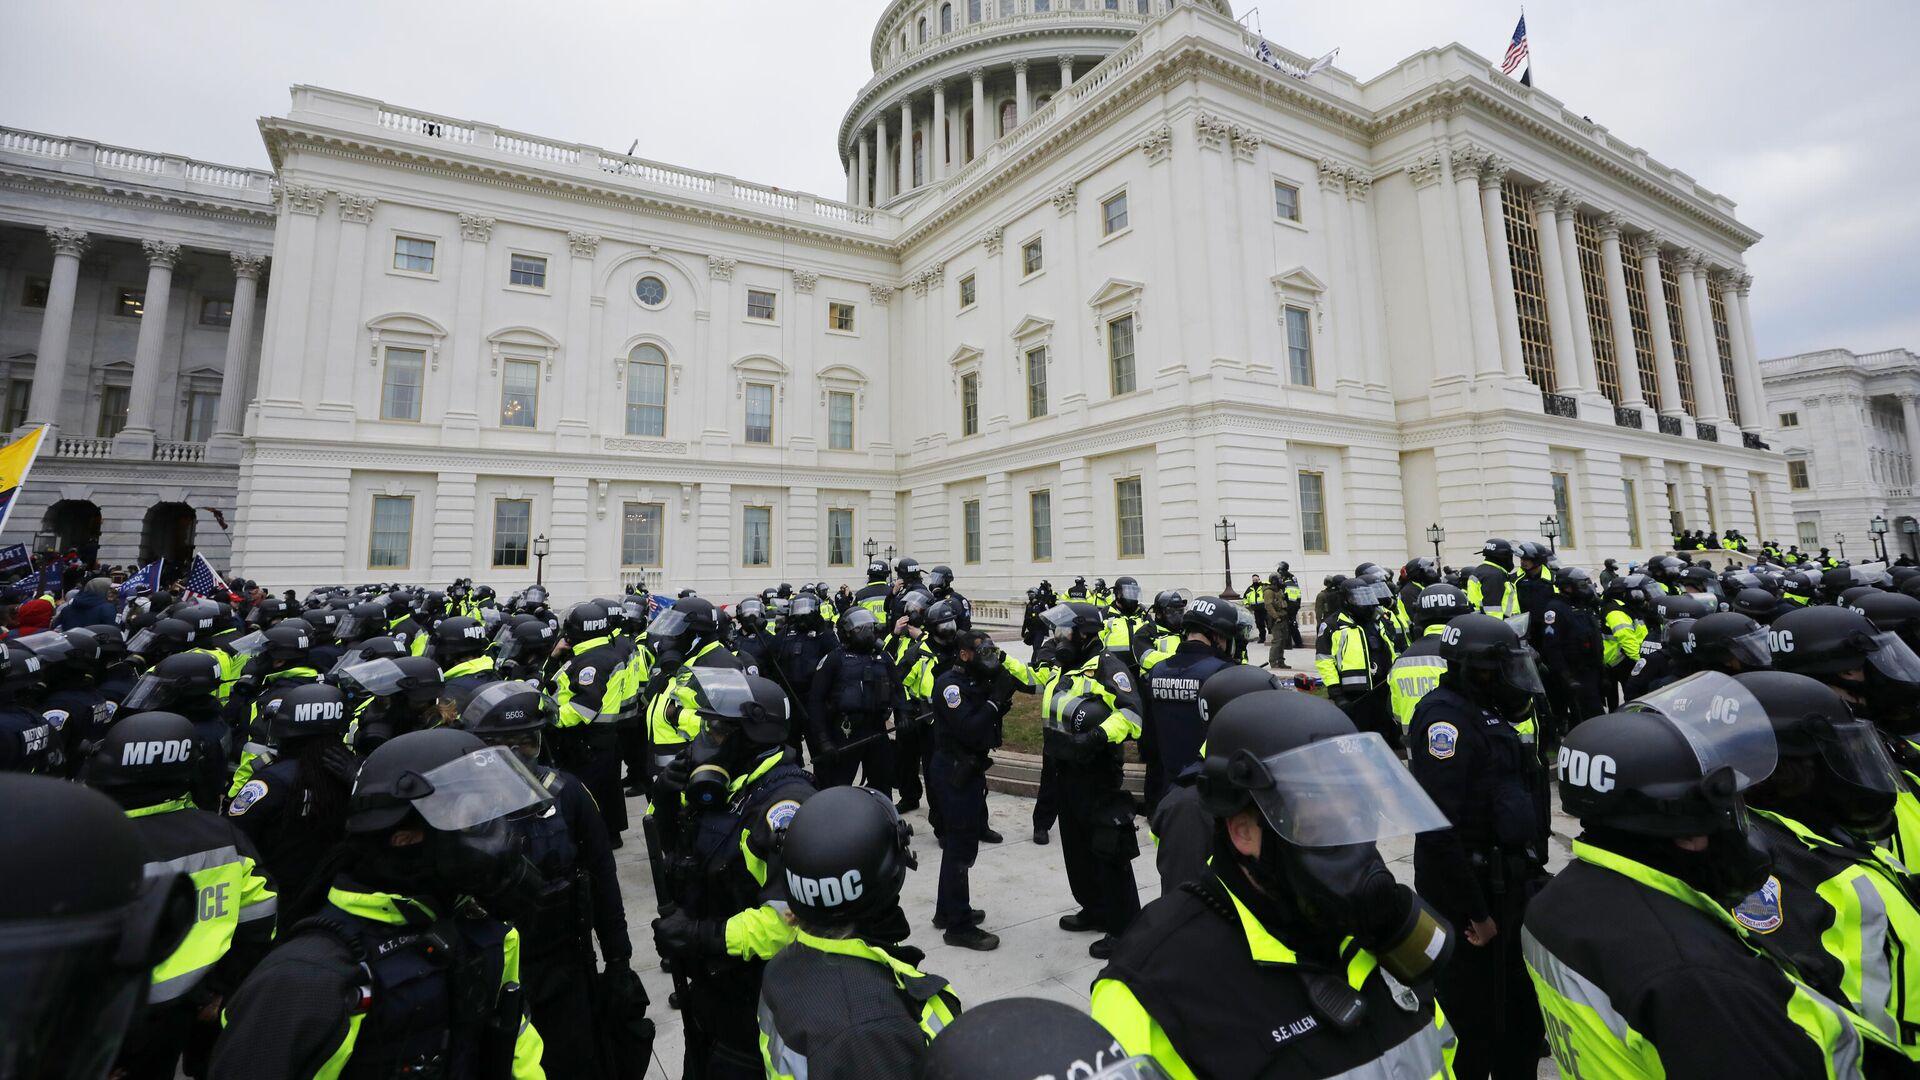 Сотрудники полиции во время акции протеста сторонников действующего президента США Дональда Трампа у здания конгресса в Вашингтоне - РИА Новости, 1920, 08.01.2021